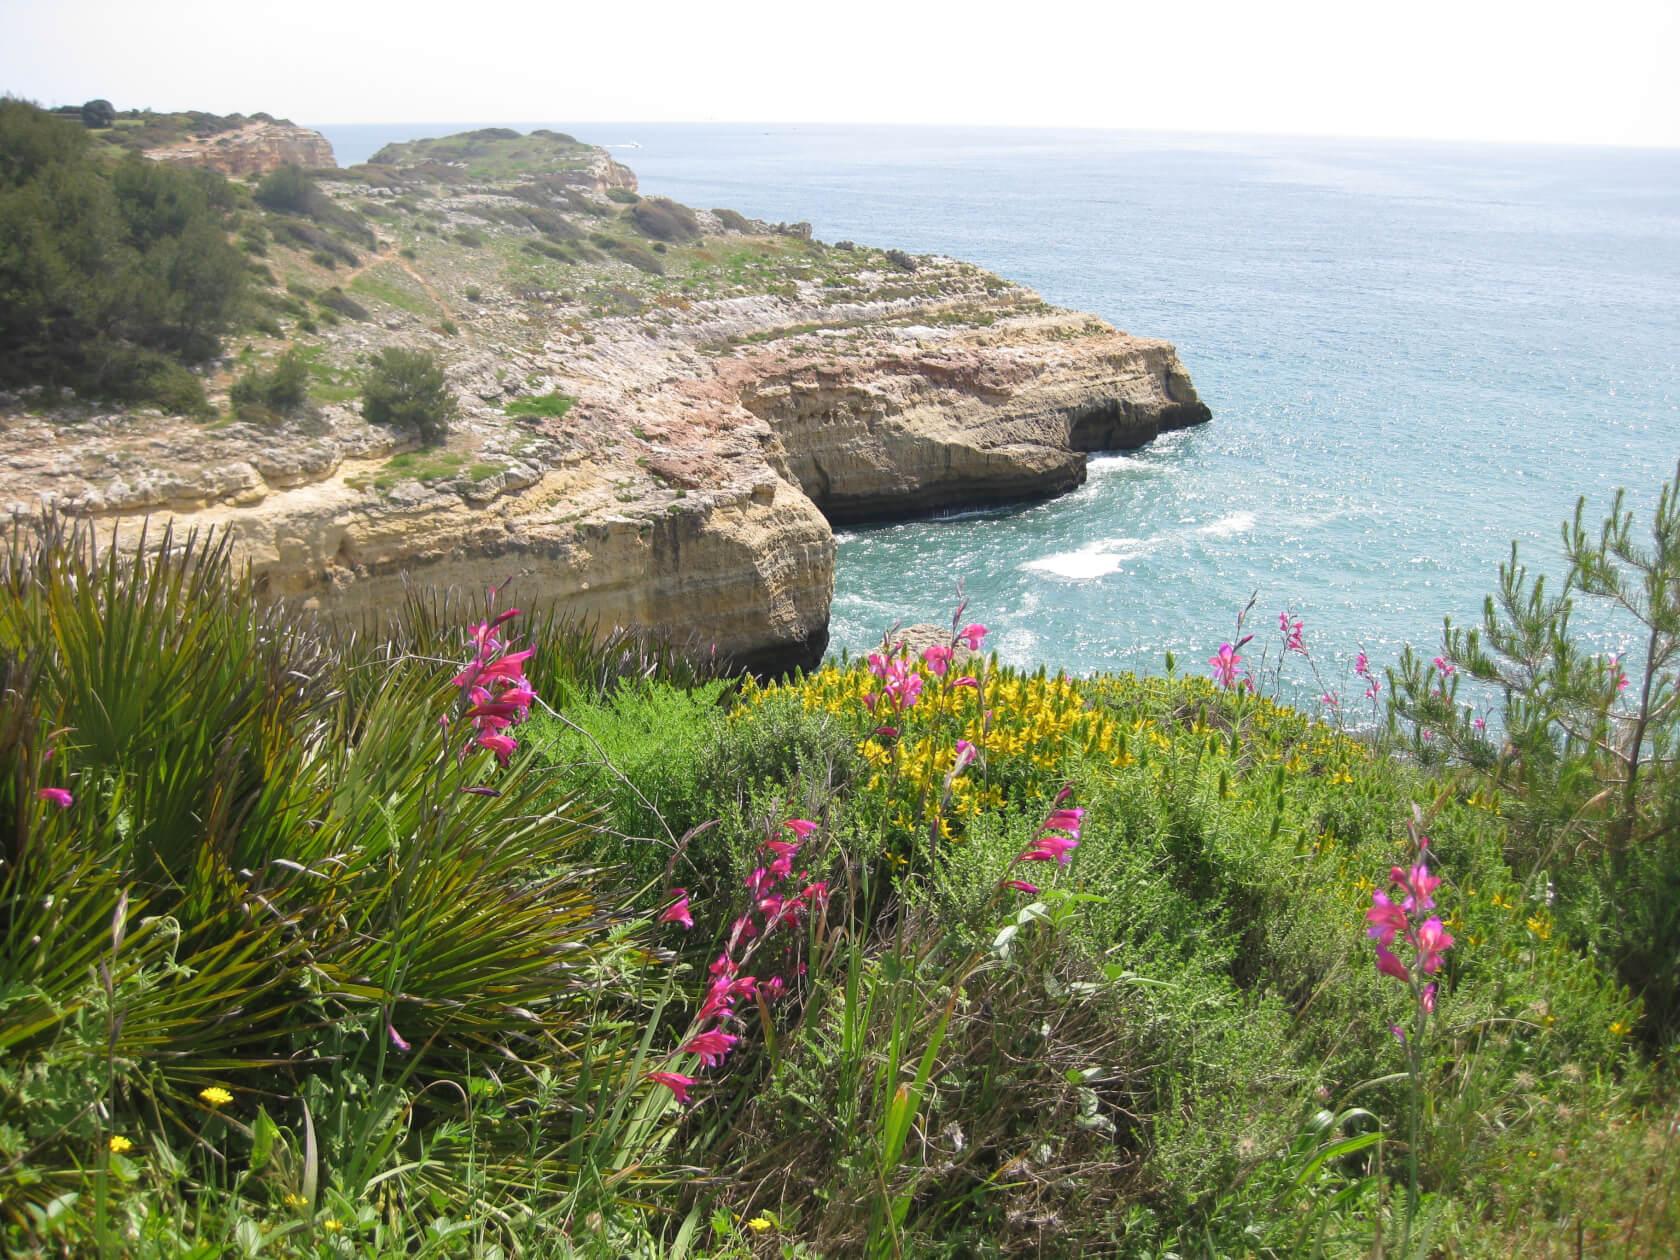 Blüten vor Meer und Felsenküste